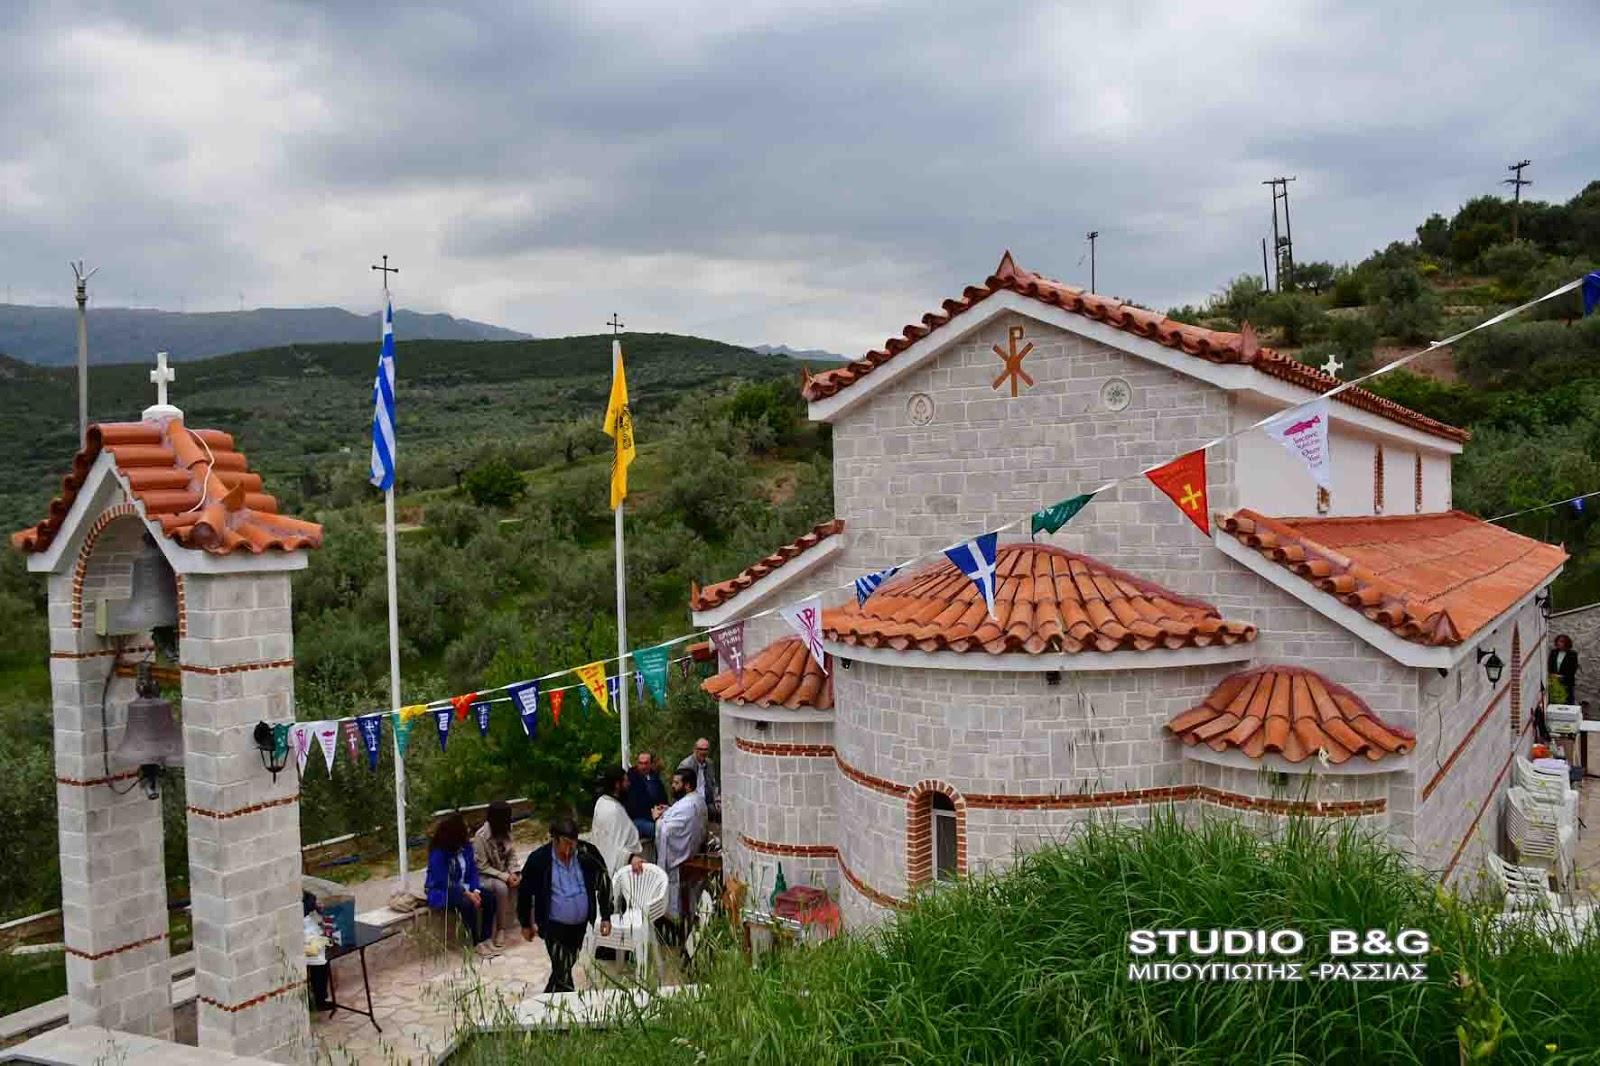 Εγκαίνια Ιερού Ναού Αγίων Παϊσίου  και Πορφυρίου στη Ζόγκα Αργολίδος